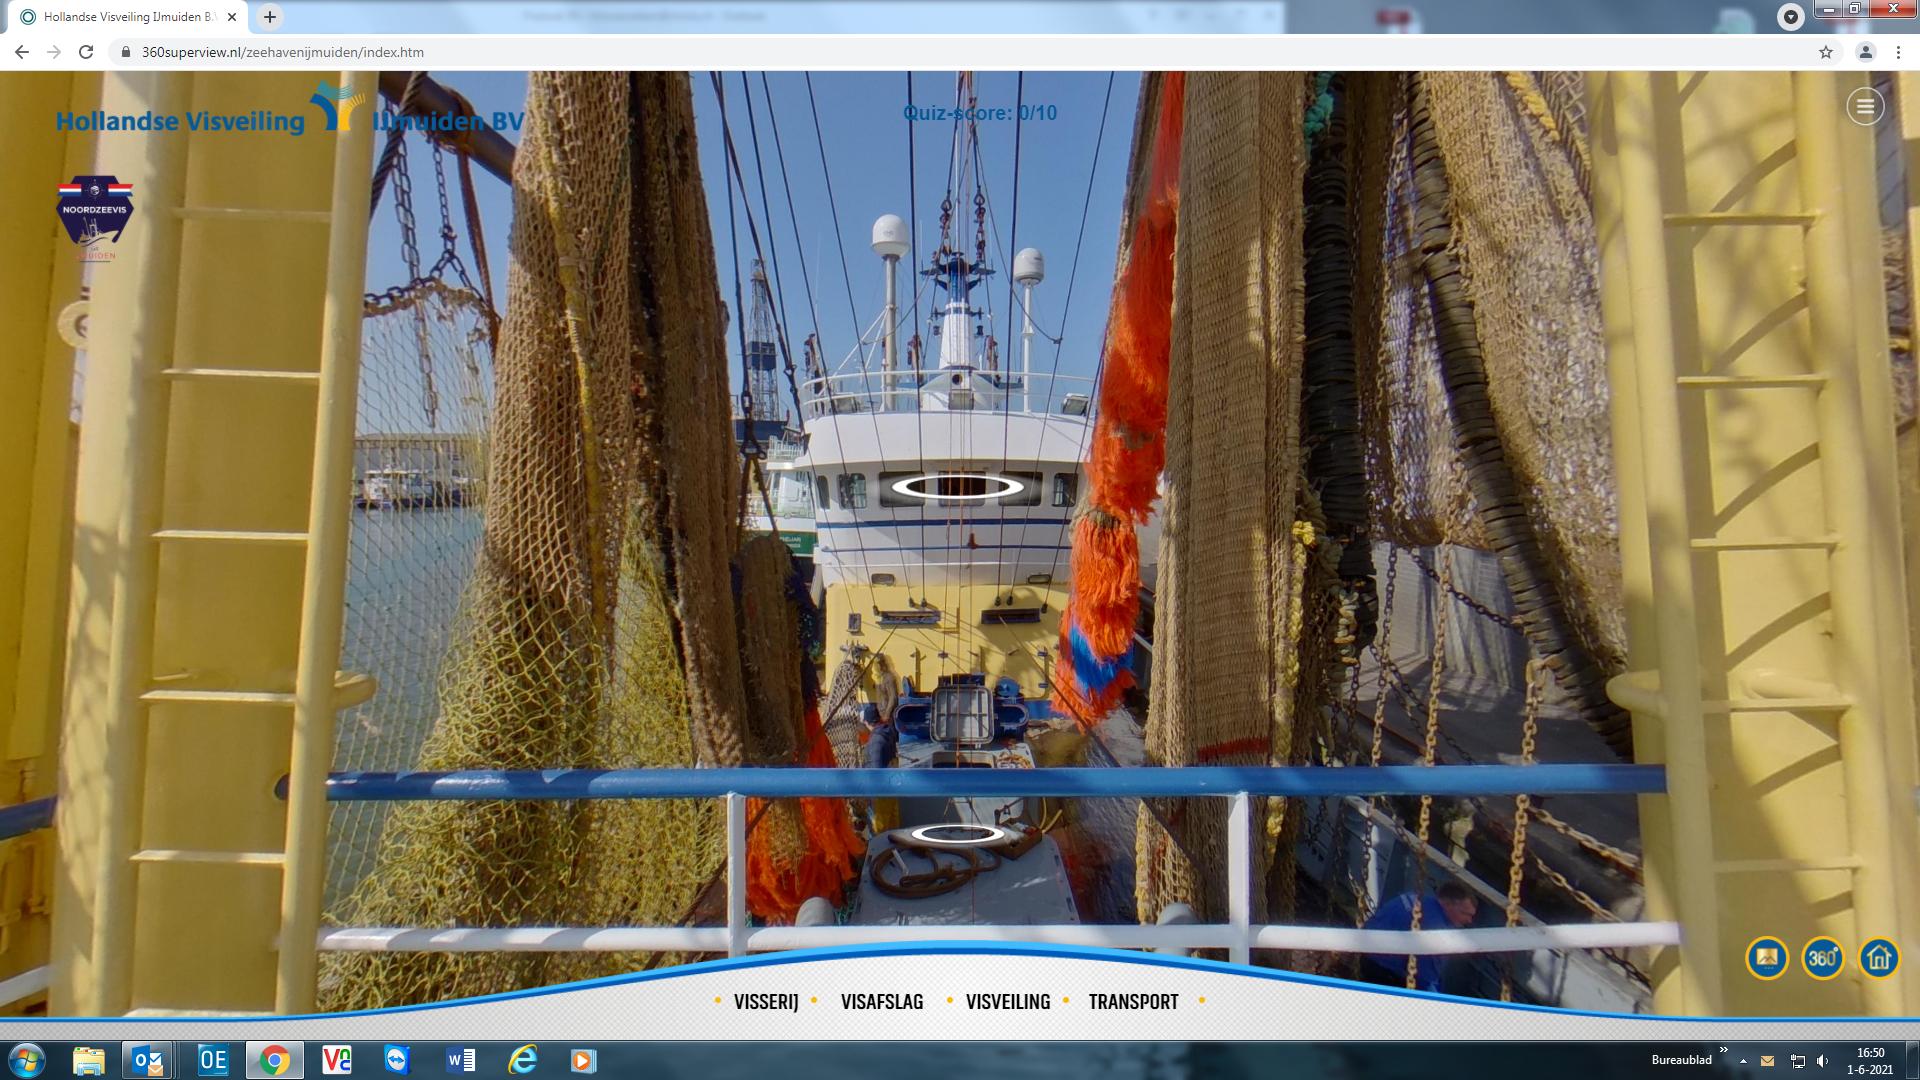 Alles is levensecht tijdens virtual tour door de visafslag van IJmuiden. Alleen de geur van verse vis ontbreekt